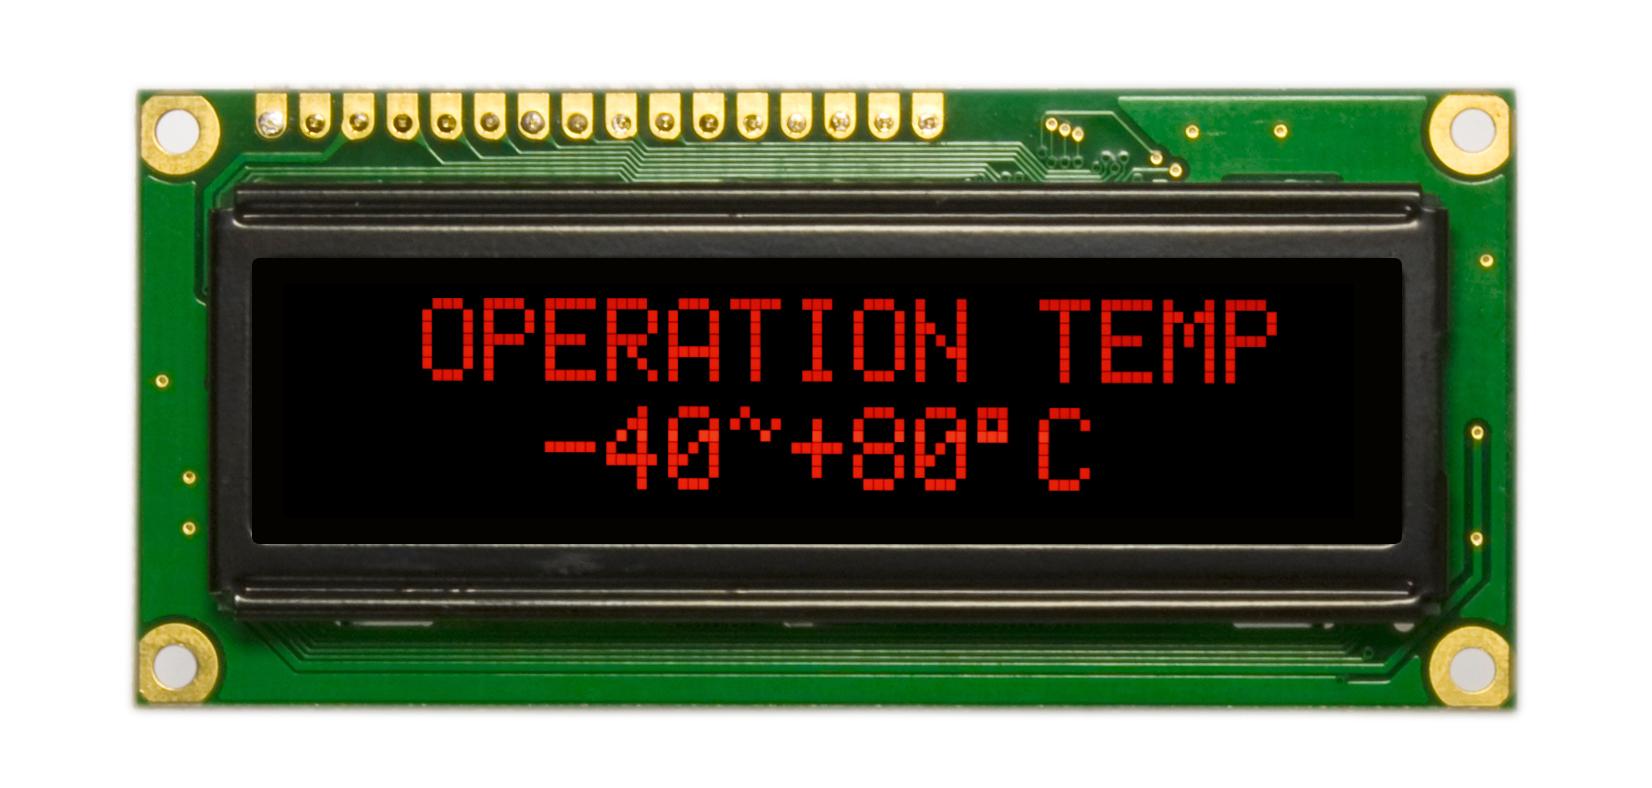 Подтверждён длительный срок службы OLED-дисплеев Raystar с красным цветом свечения экрана